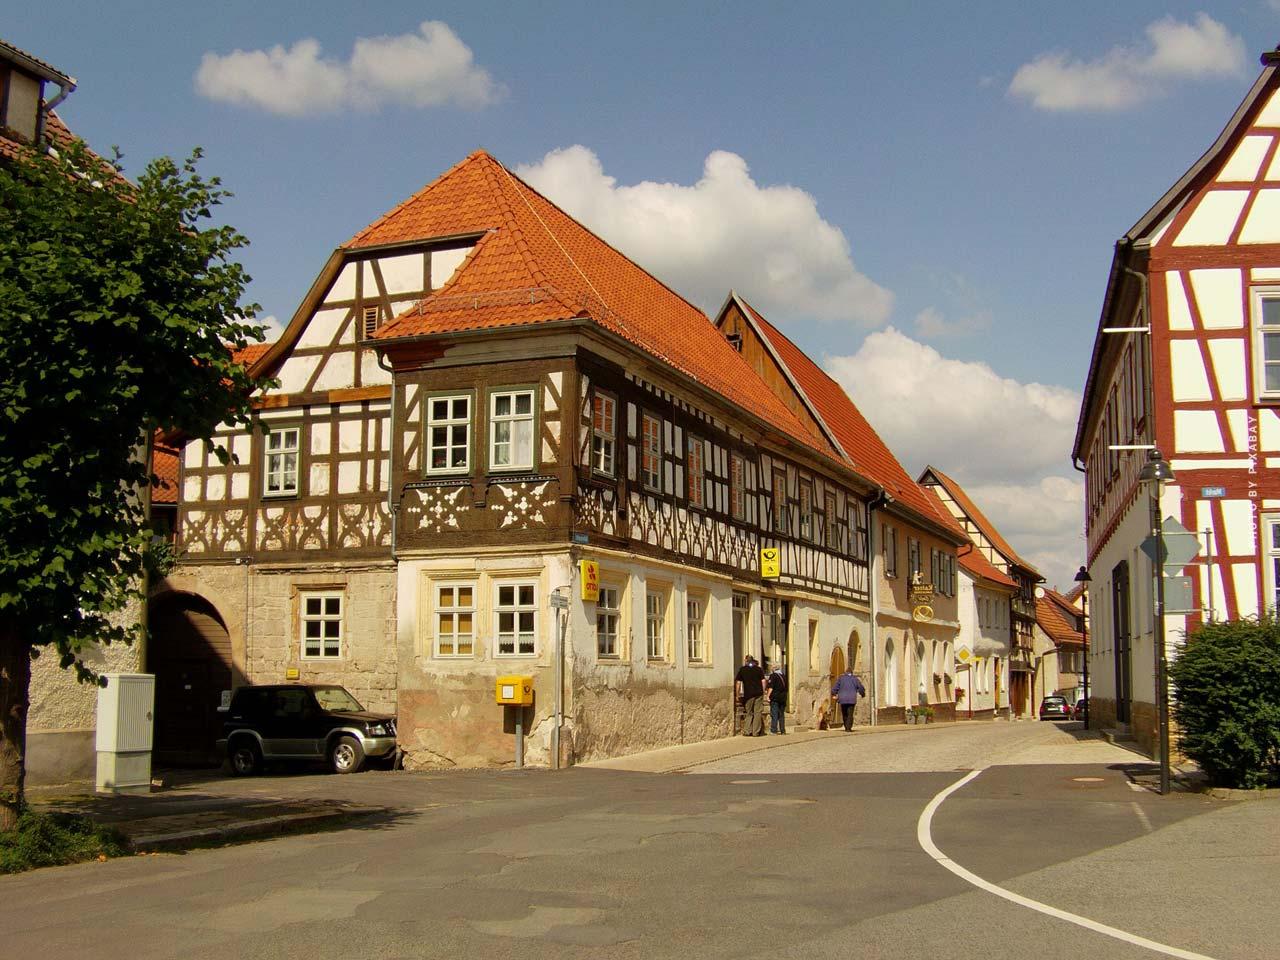 Hauskauf in Laatzen: wie viel m² Haus kann ich mir leisten?